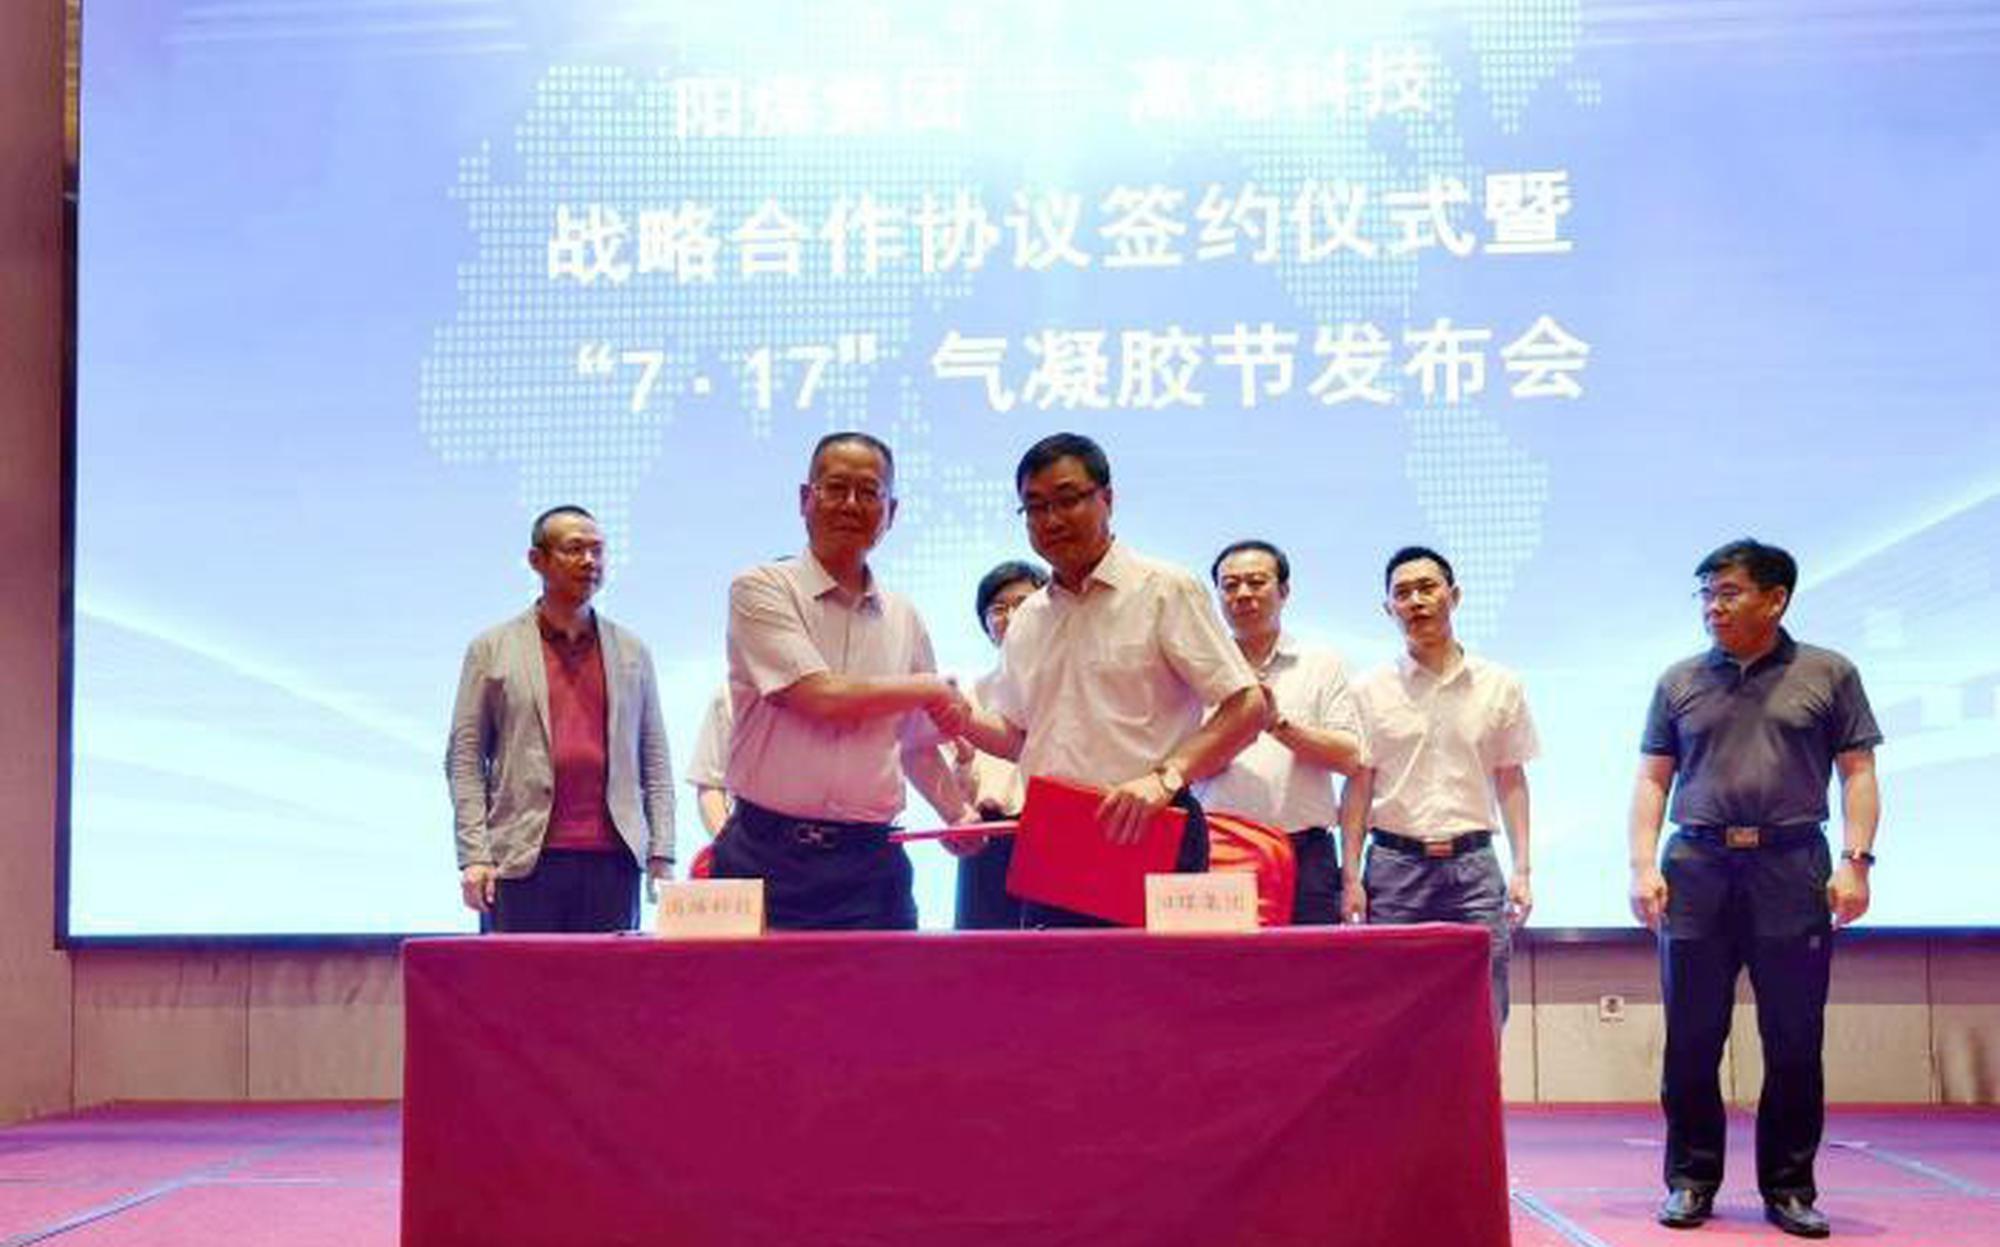 阳煤集团携高烯科技建设石墨烯项目